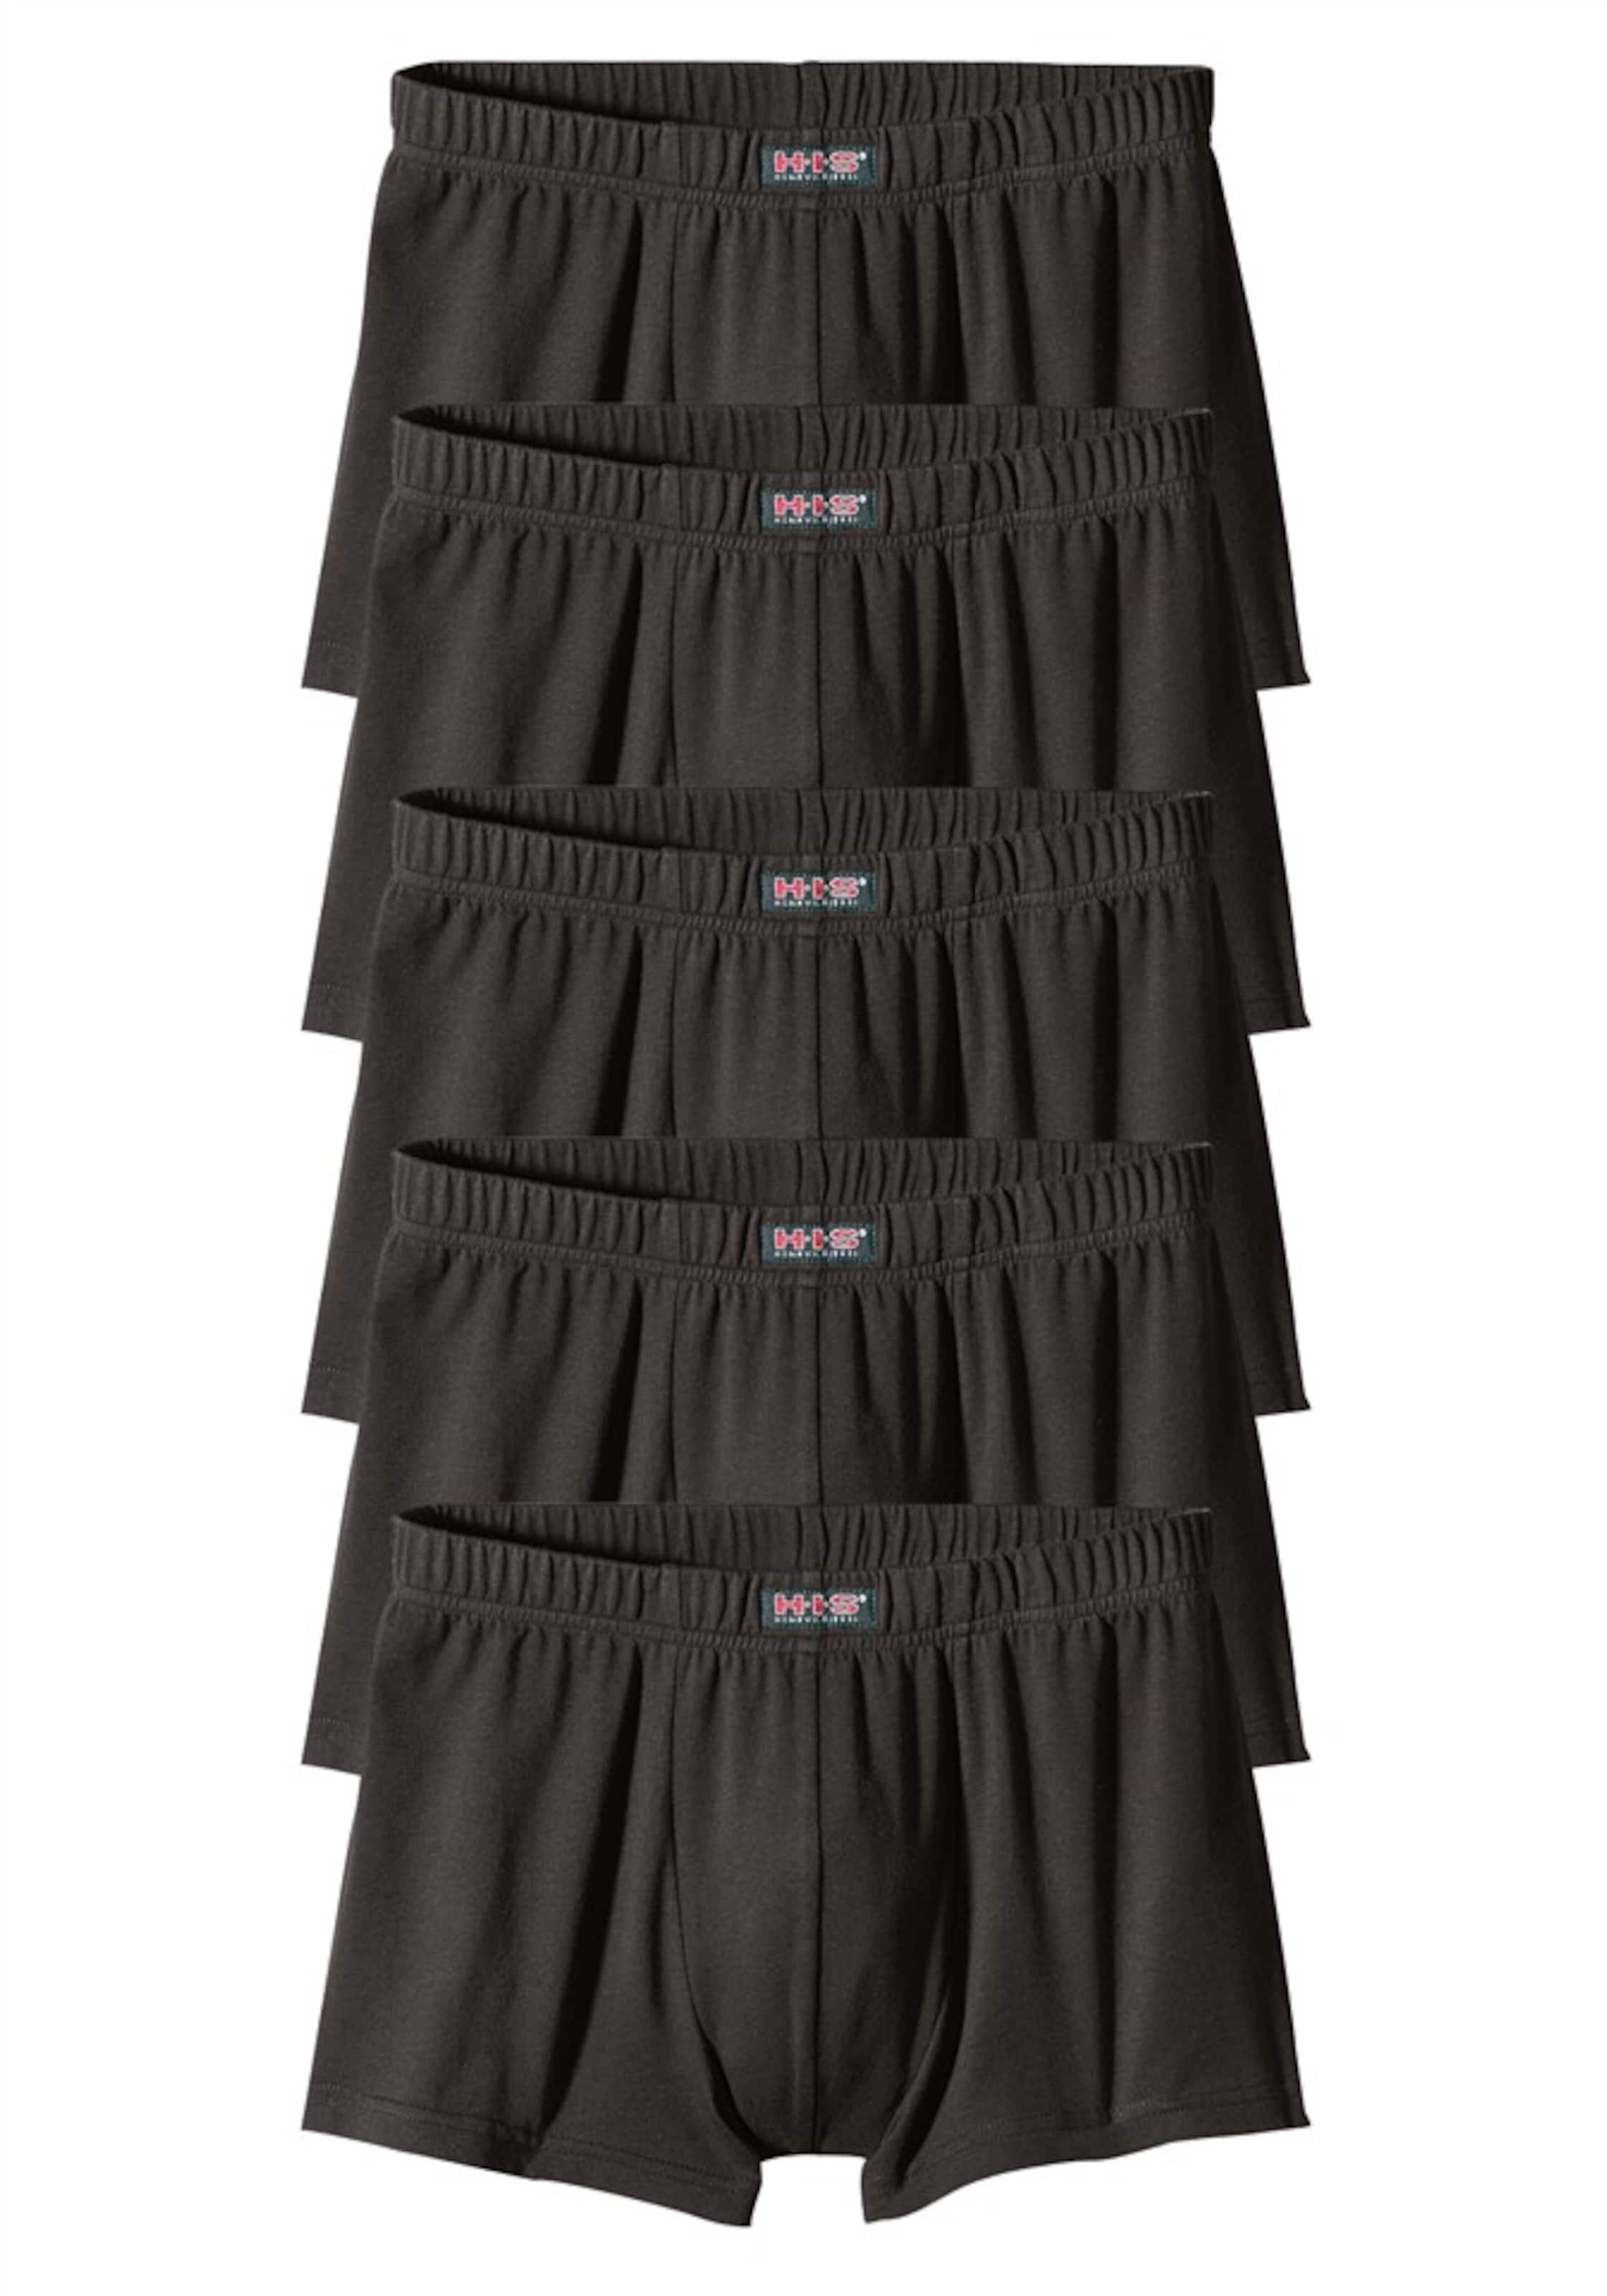 H.I.S JEANS Boxershort, H.I.S. Nightwear (5-tlg.)